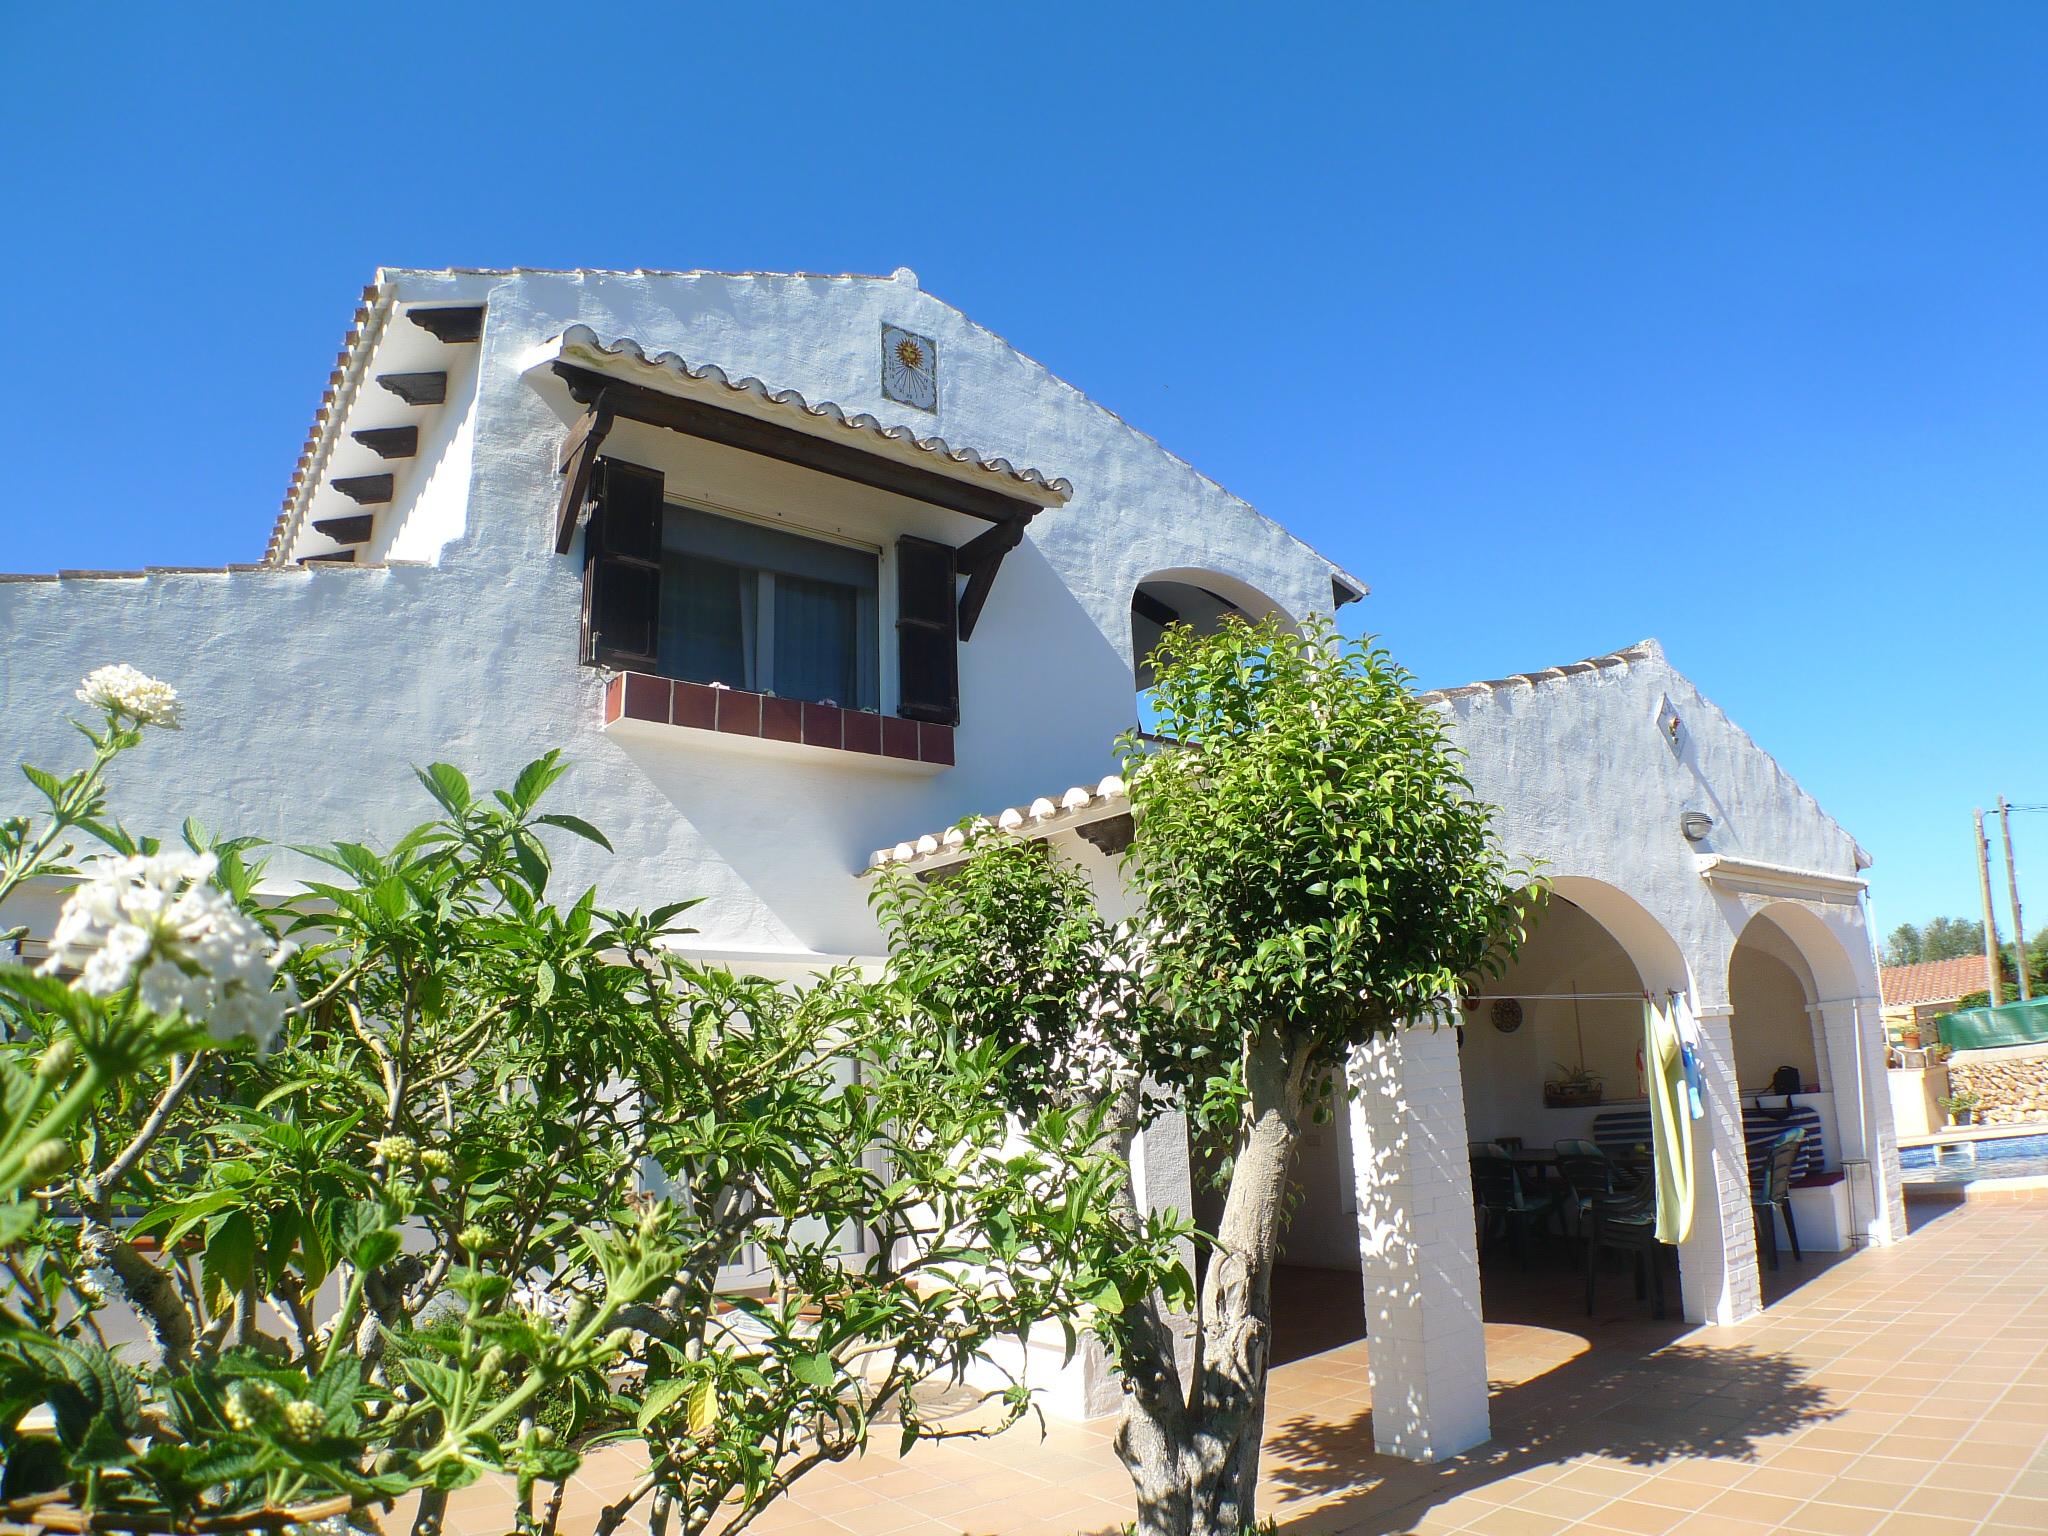 Case in vendita minorca con piscina privata e giardino - Casa vacanze con piscina privata ...